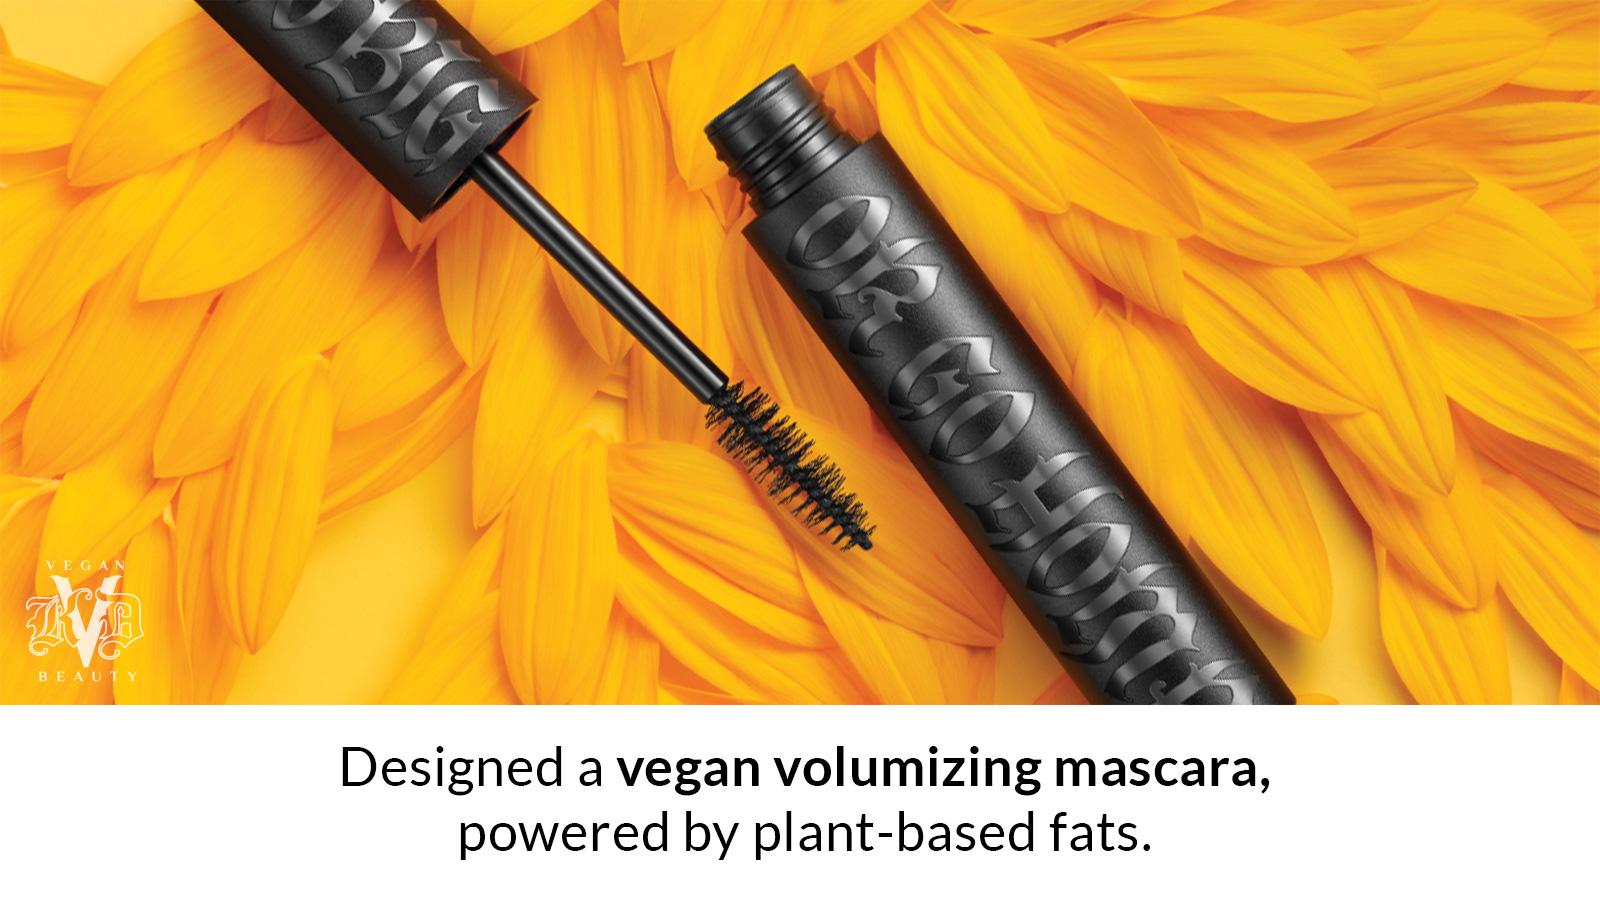 Designed a vegan volumizing mascara, powered by plant-based fats.